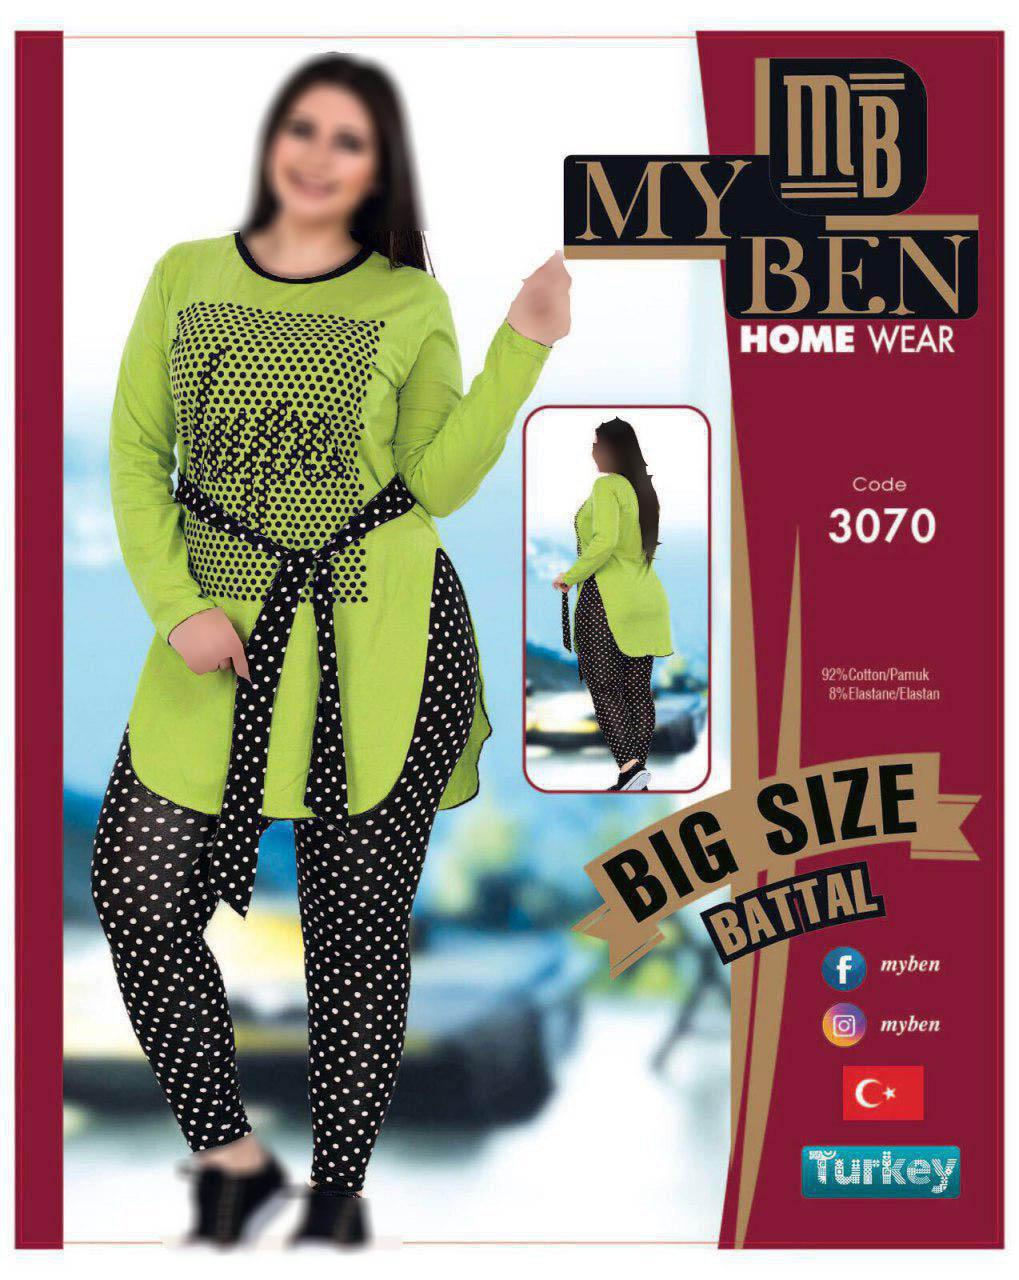 تونیک شلوار زنانه سایز بزرگ ترک -مای بن3070  